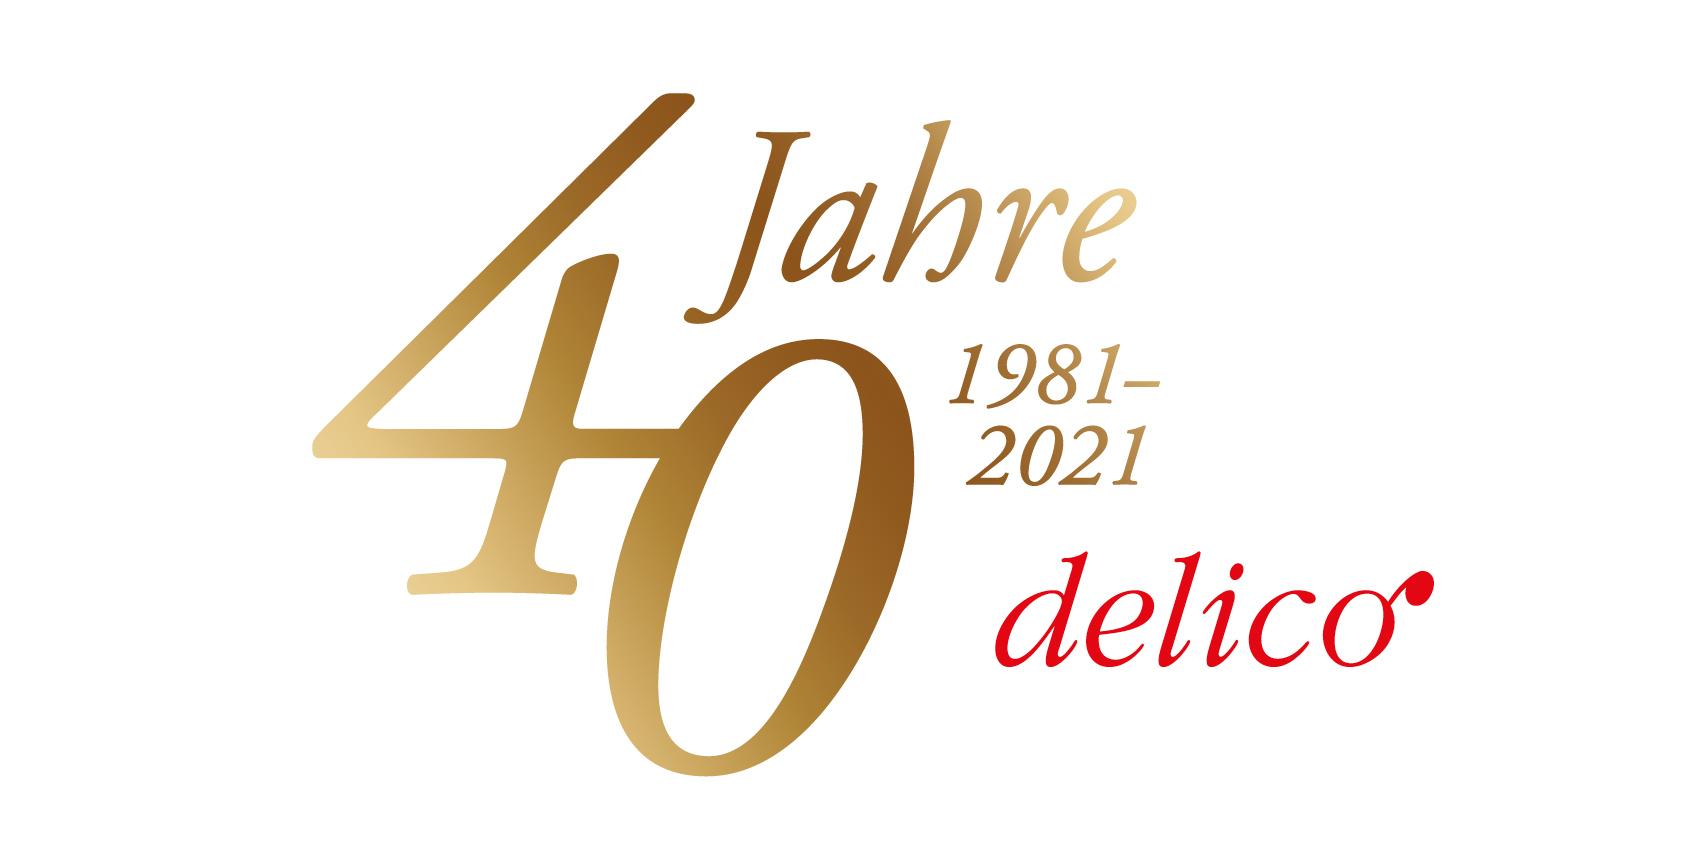 Es ist die Erfahrung und der Mut, immer wieder Neues zu wagen, welche Delico in vier Jahrzehnten zu ihrem Erfolg geführt haben. Heute feiert das Unternehmen über 400 Produkte, 80 verschiedene Lieferanten, ein erfolgreicher Ausbau des B2B und B2C-Geschäfts sowie ein Wachstum der Belegschaft von 2 auf 17 Mitarbeitern.